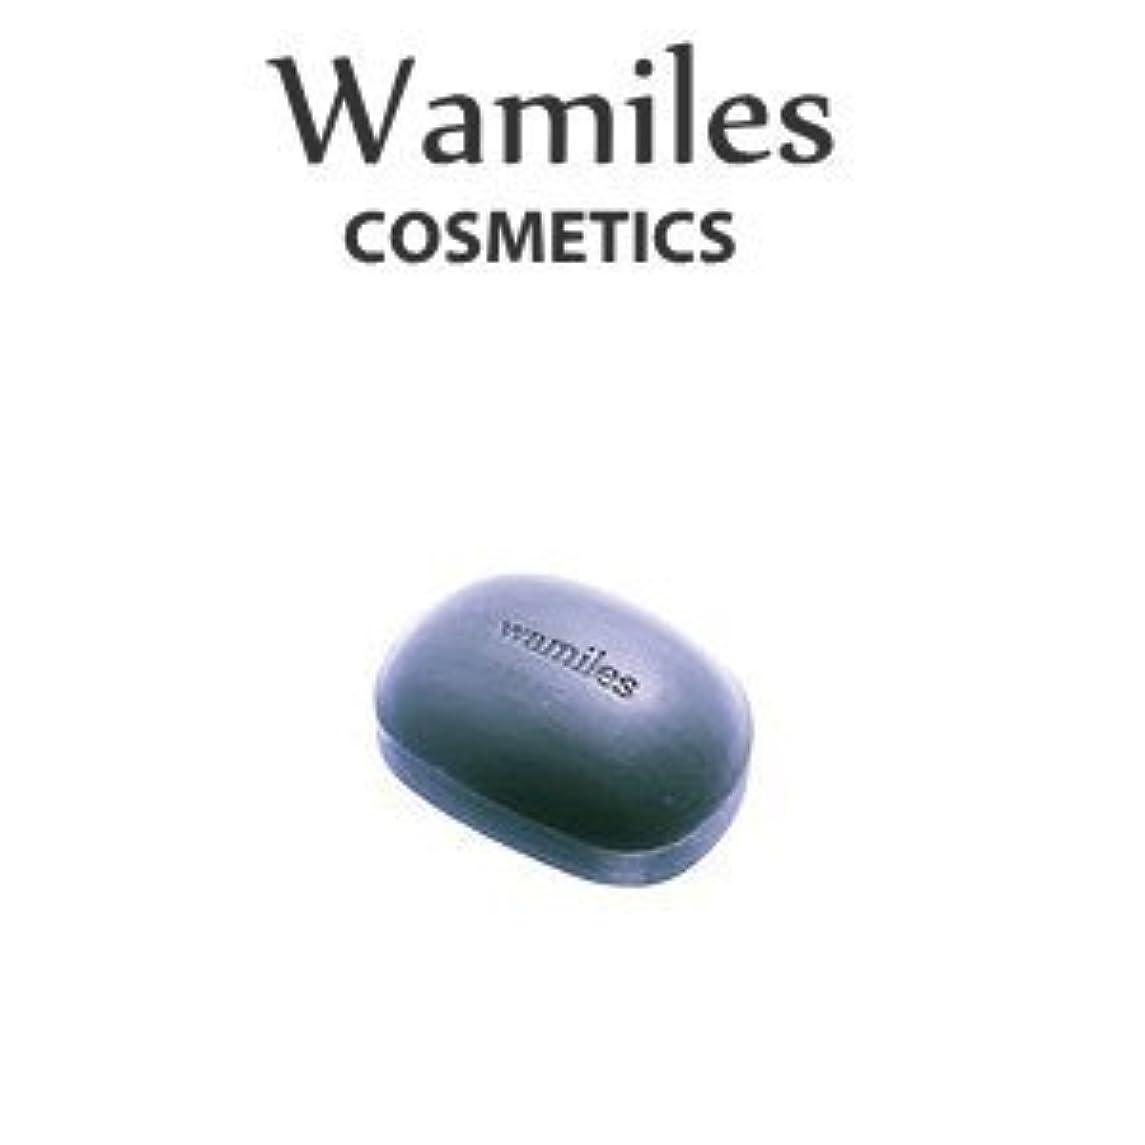 ドメイン流行お酢wamiles/ワミレス ベーシックライン イオンヌ クレイソープ 100g